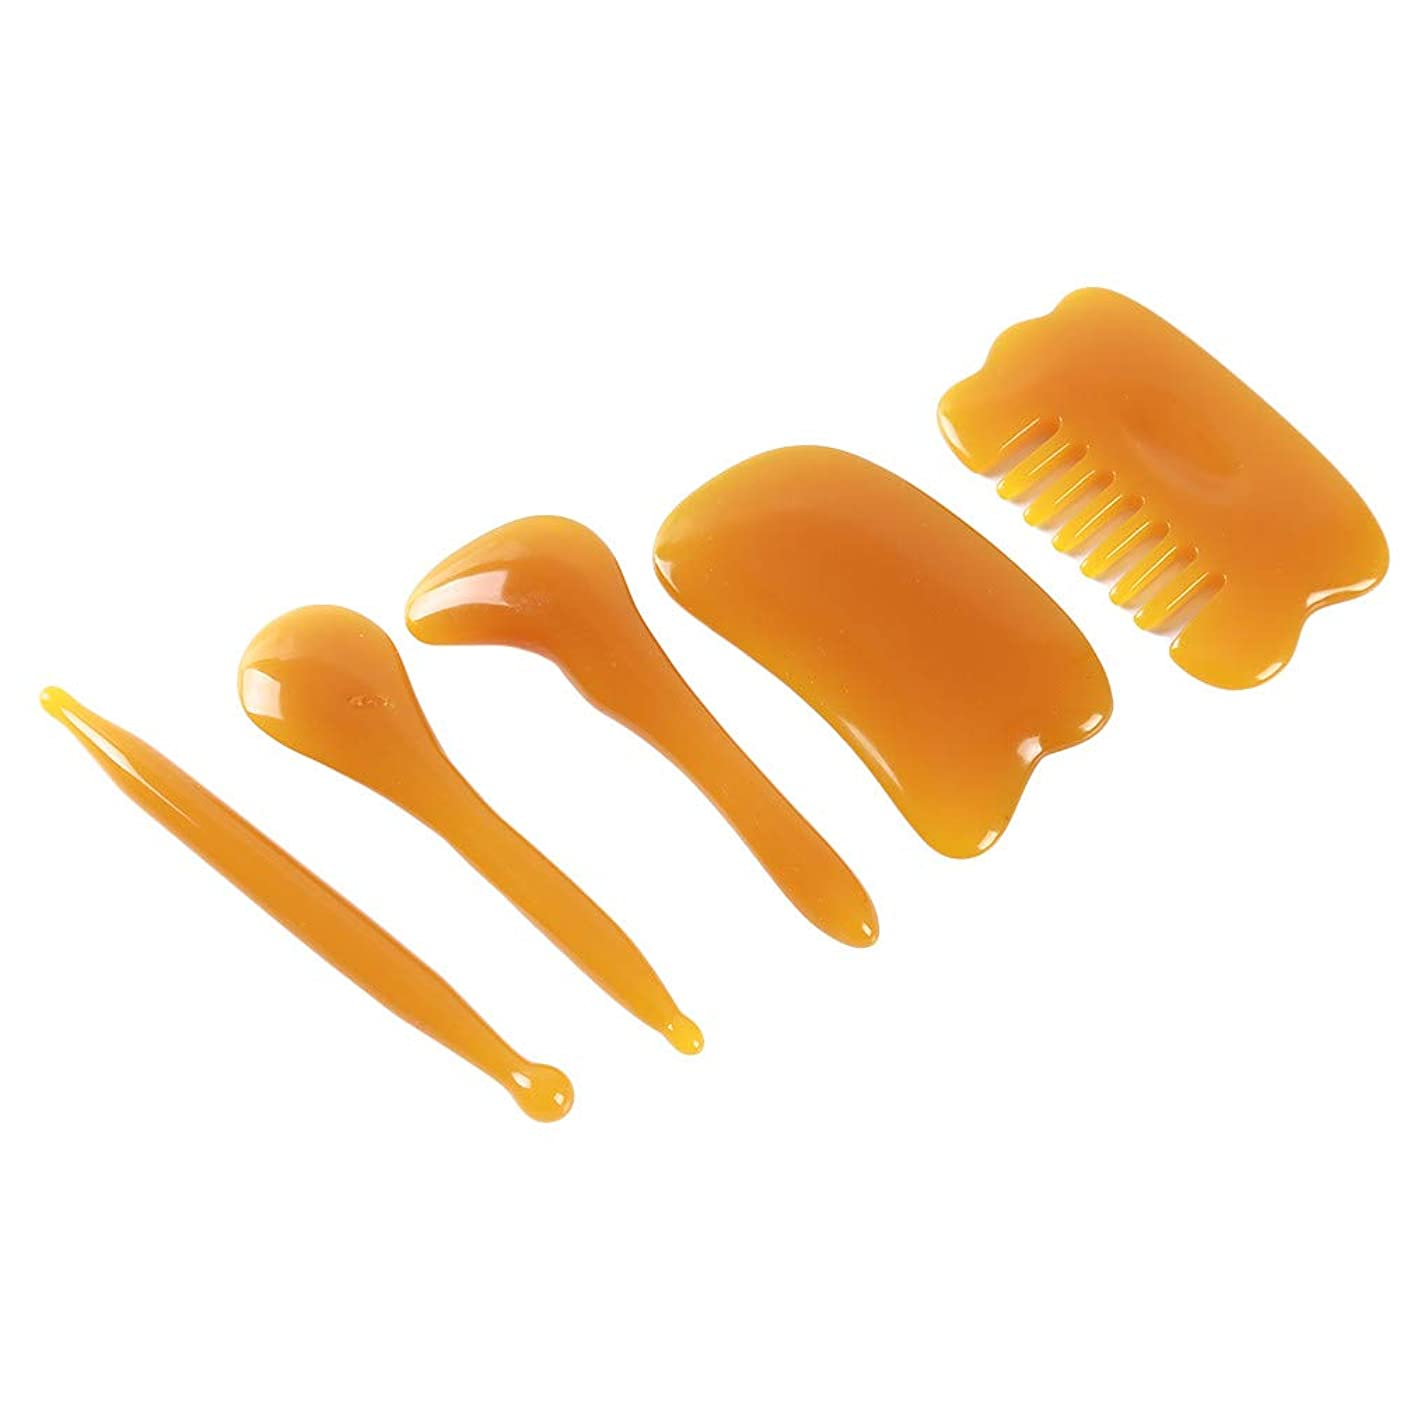 現実には海外で策定するHonel カッサプレート こする櫛 頭部のマッサージ こするプレート 手動 スパ マッサージツール カッサ板 カッサマッサージ道具 5ピース